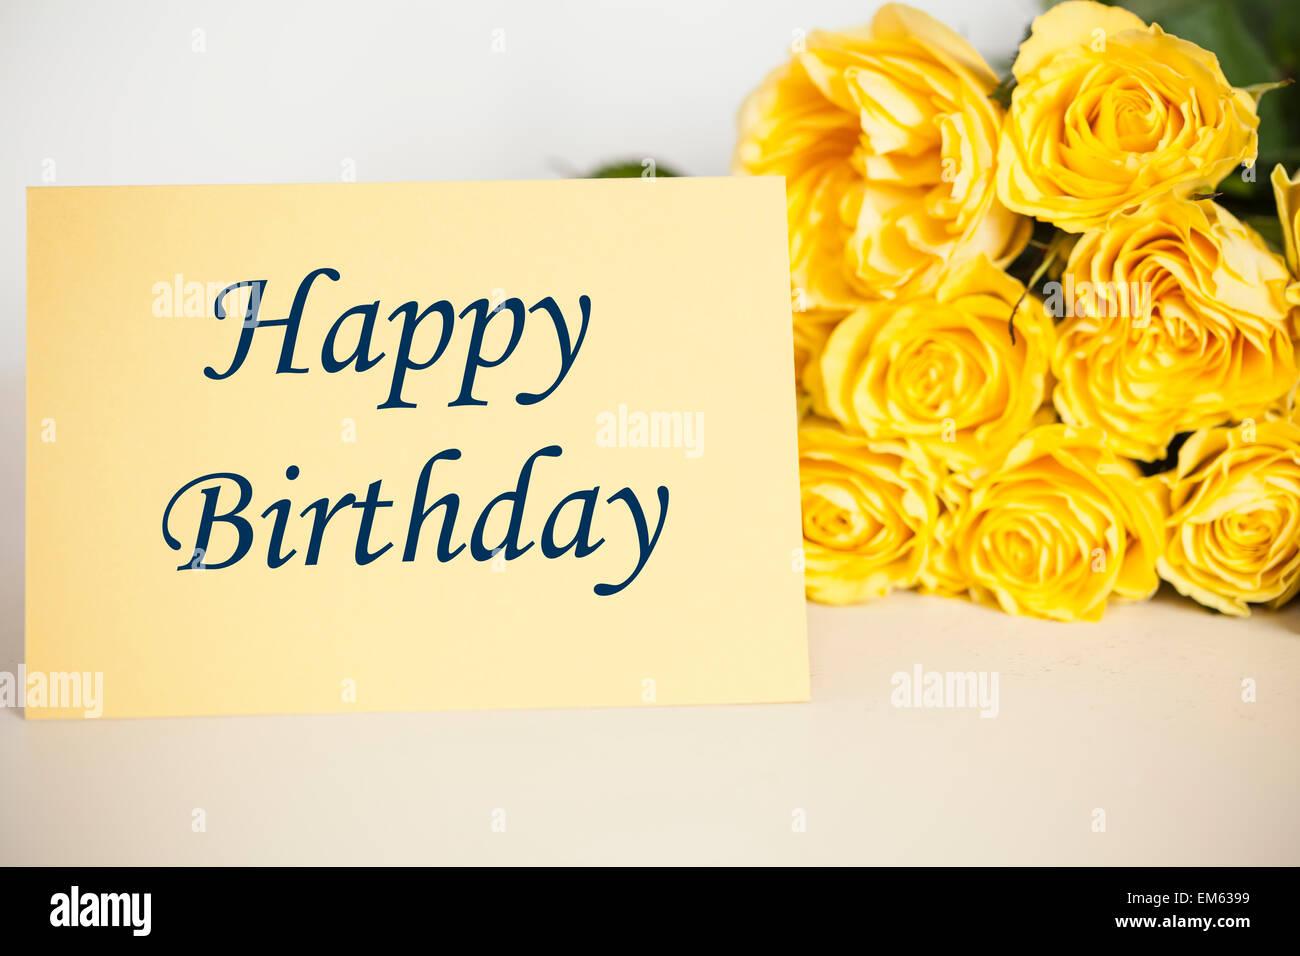 Herzlichen Glückwunsch Zum Geburtstag Stockfoto Bild